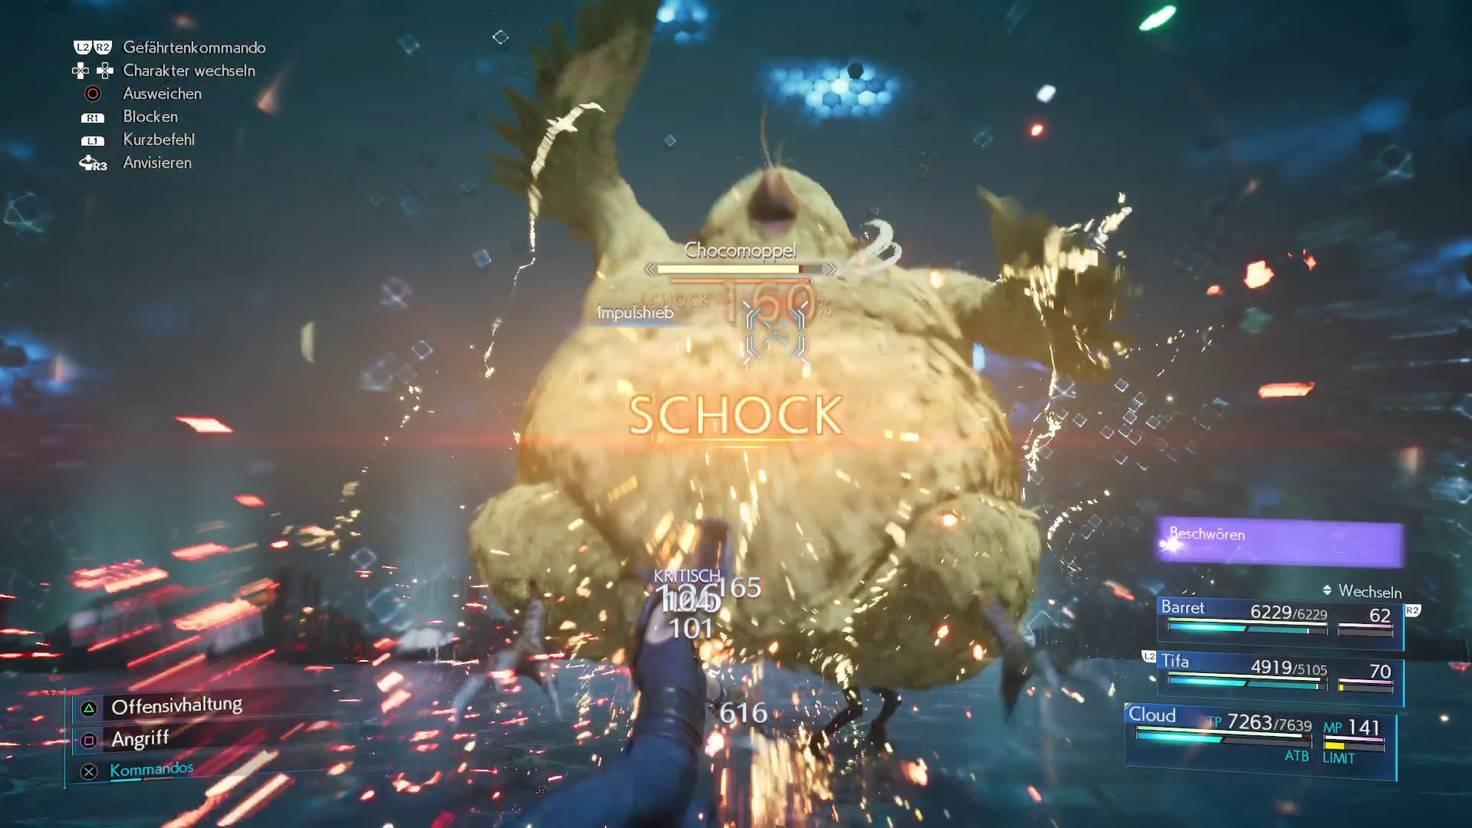 final-fantasy-7-remake-chocomoppel-schock